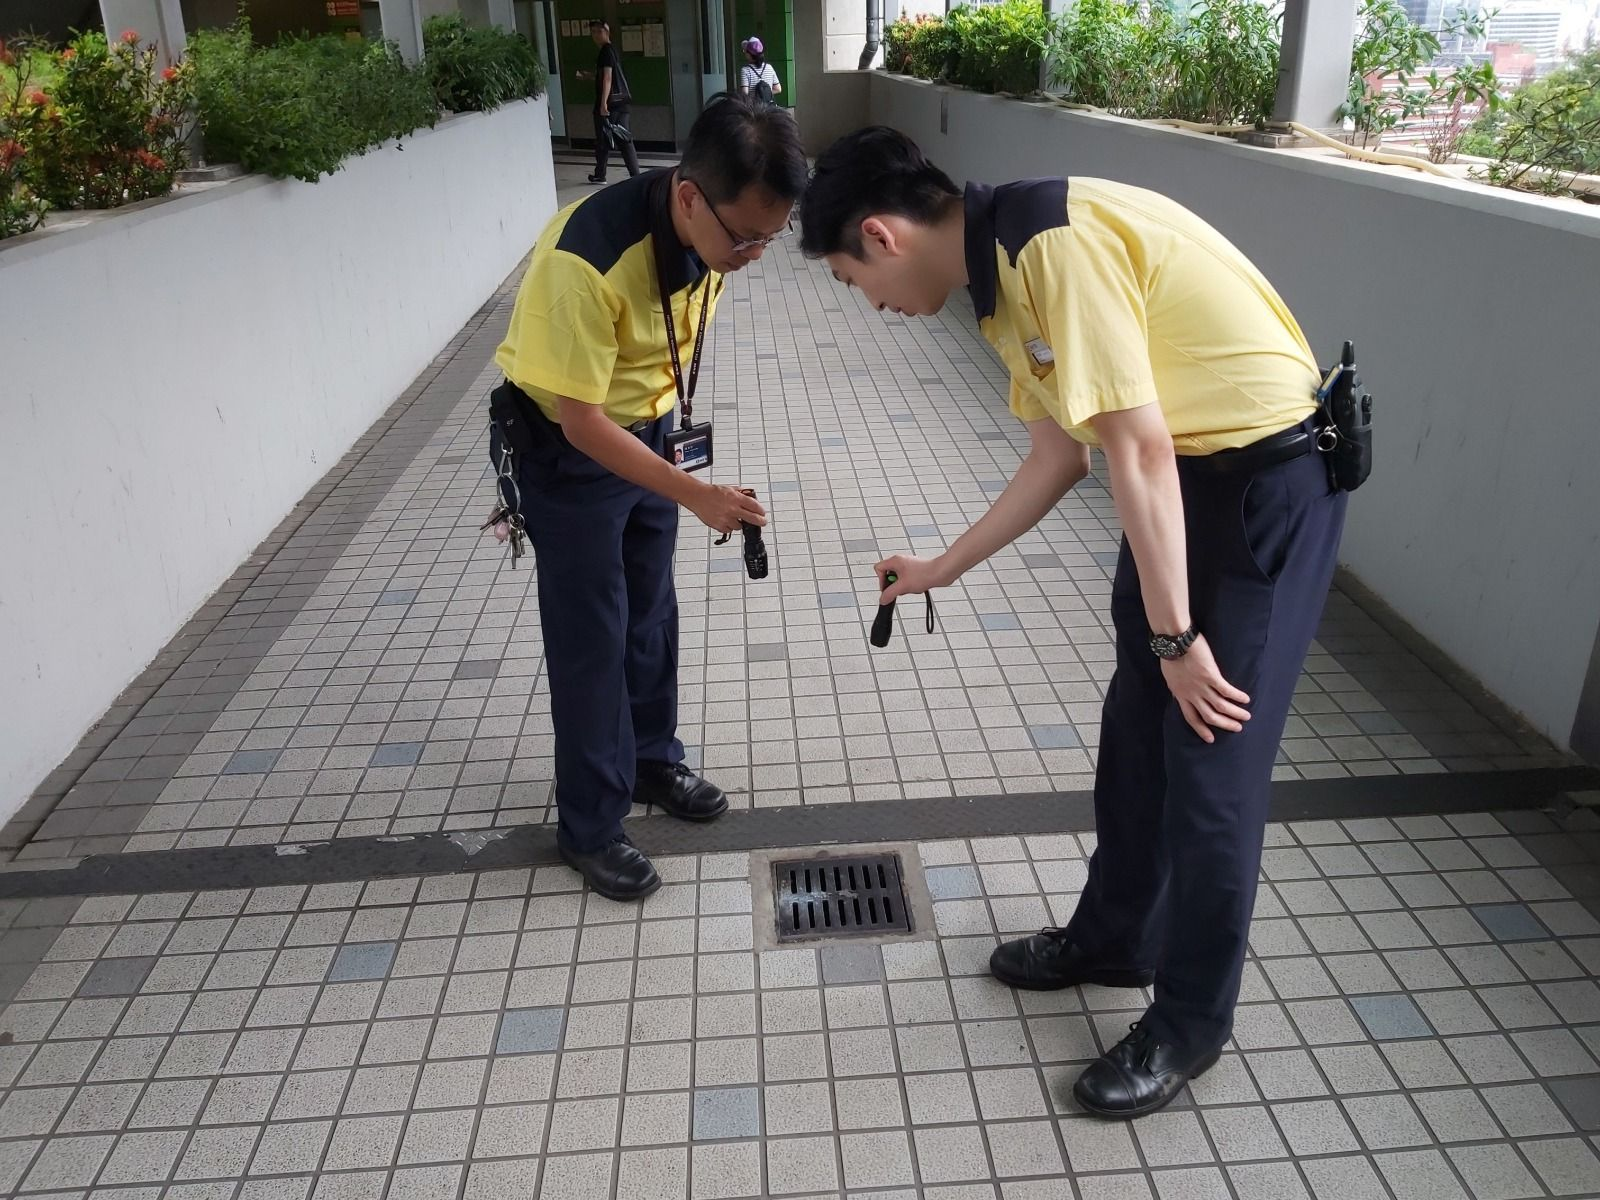 港鐵又指,已詳細檢查車站的去水系統及附近渠道。